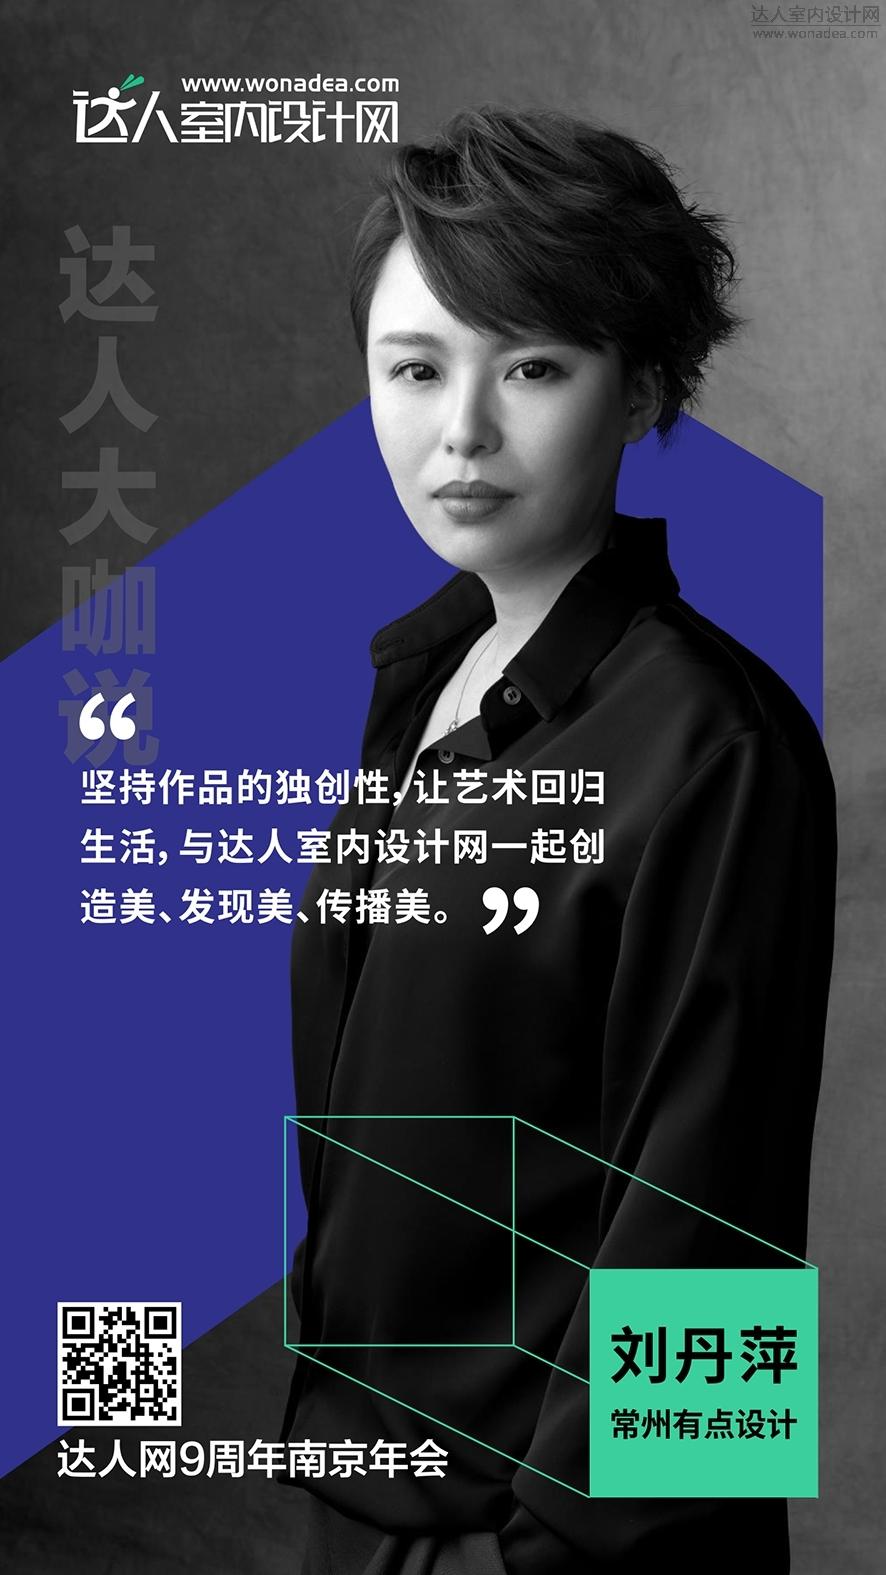 79刘丹萍.jpg